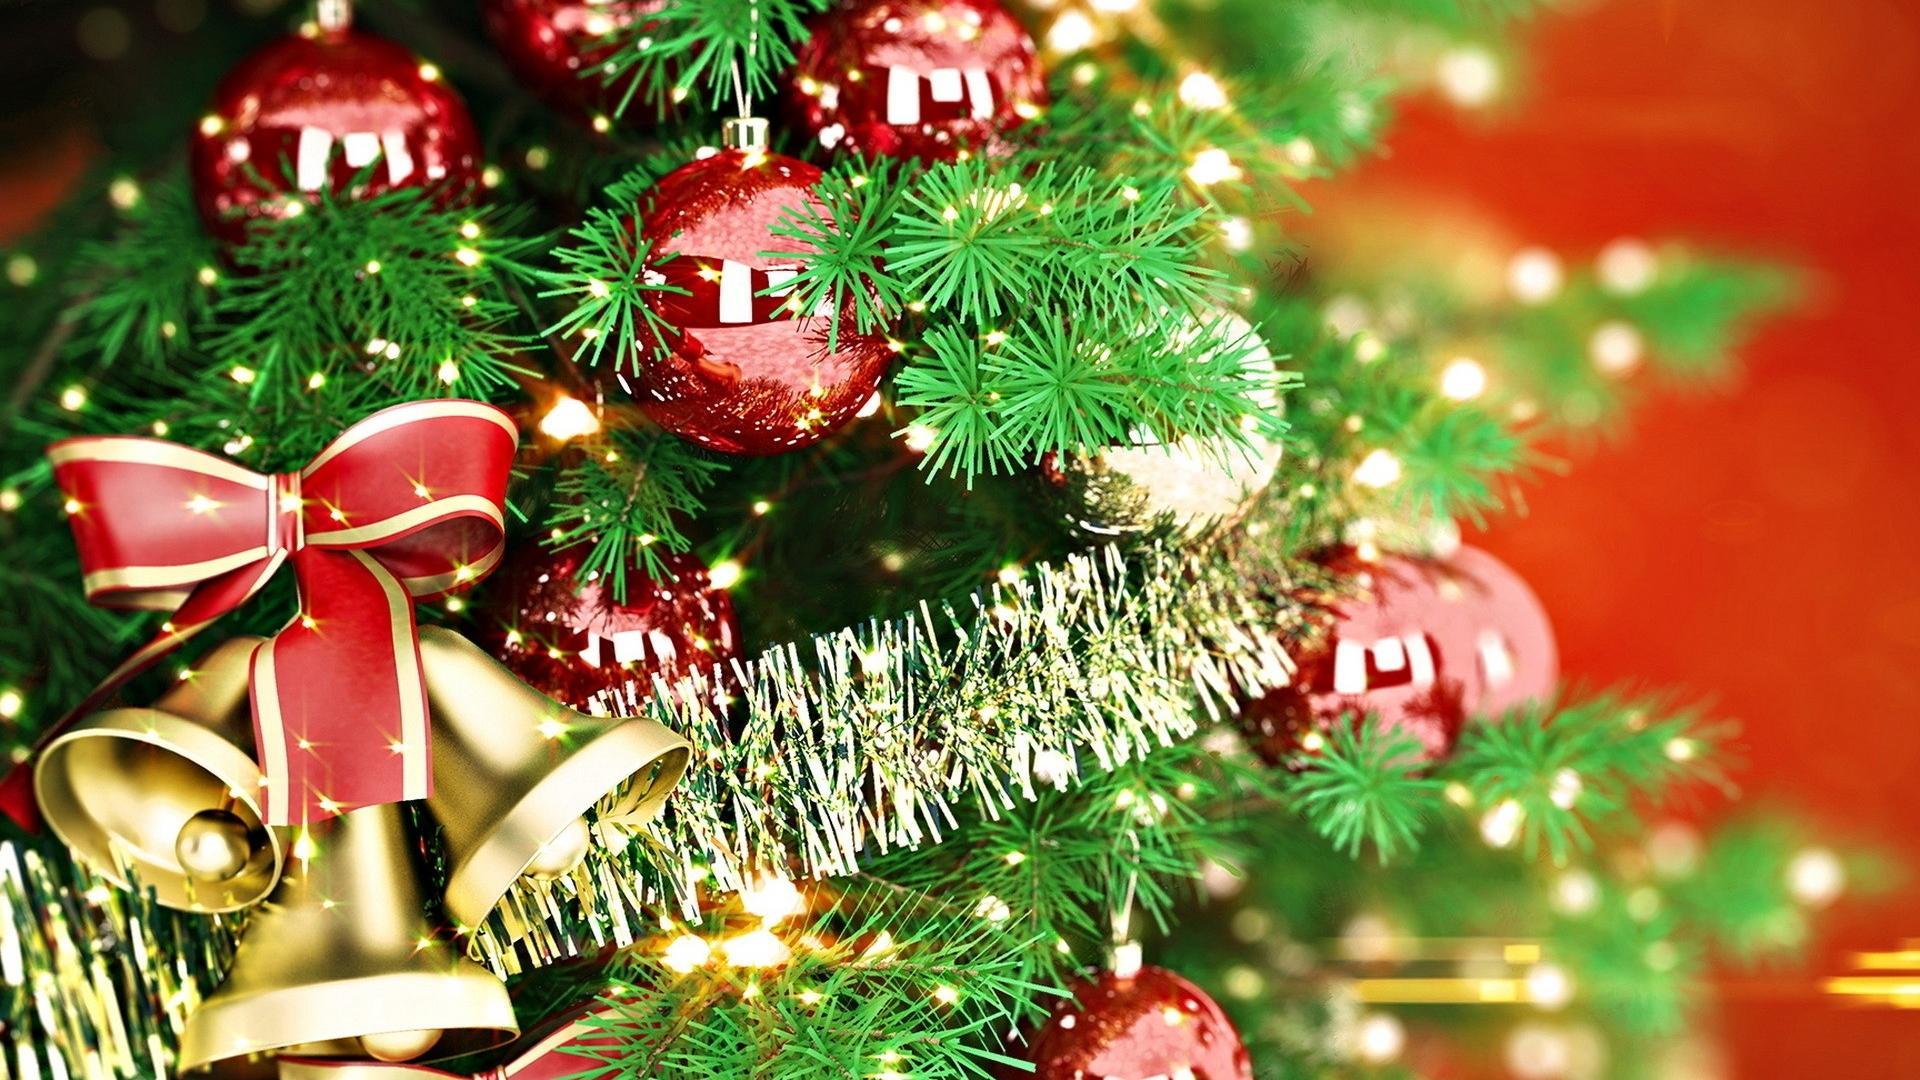 Зеленая новогодняя елка обои для рабочего стола, картинки ...: http://hq-wallpapers.ru/wallpapers/holidays/pic38224_raz1920x1080